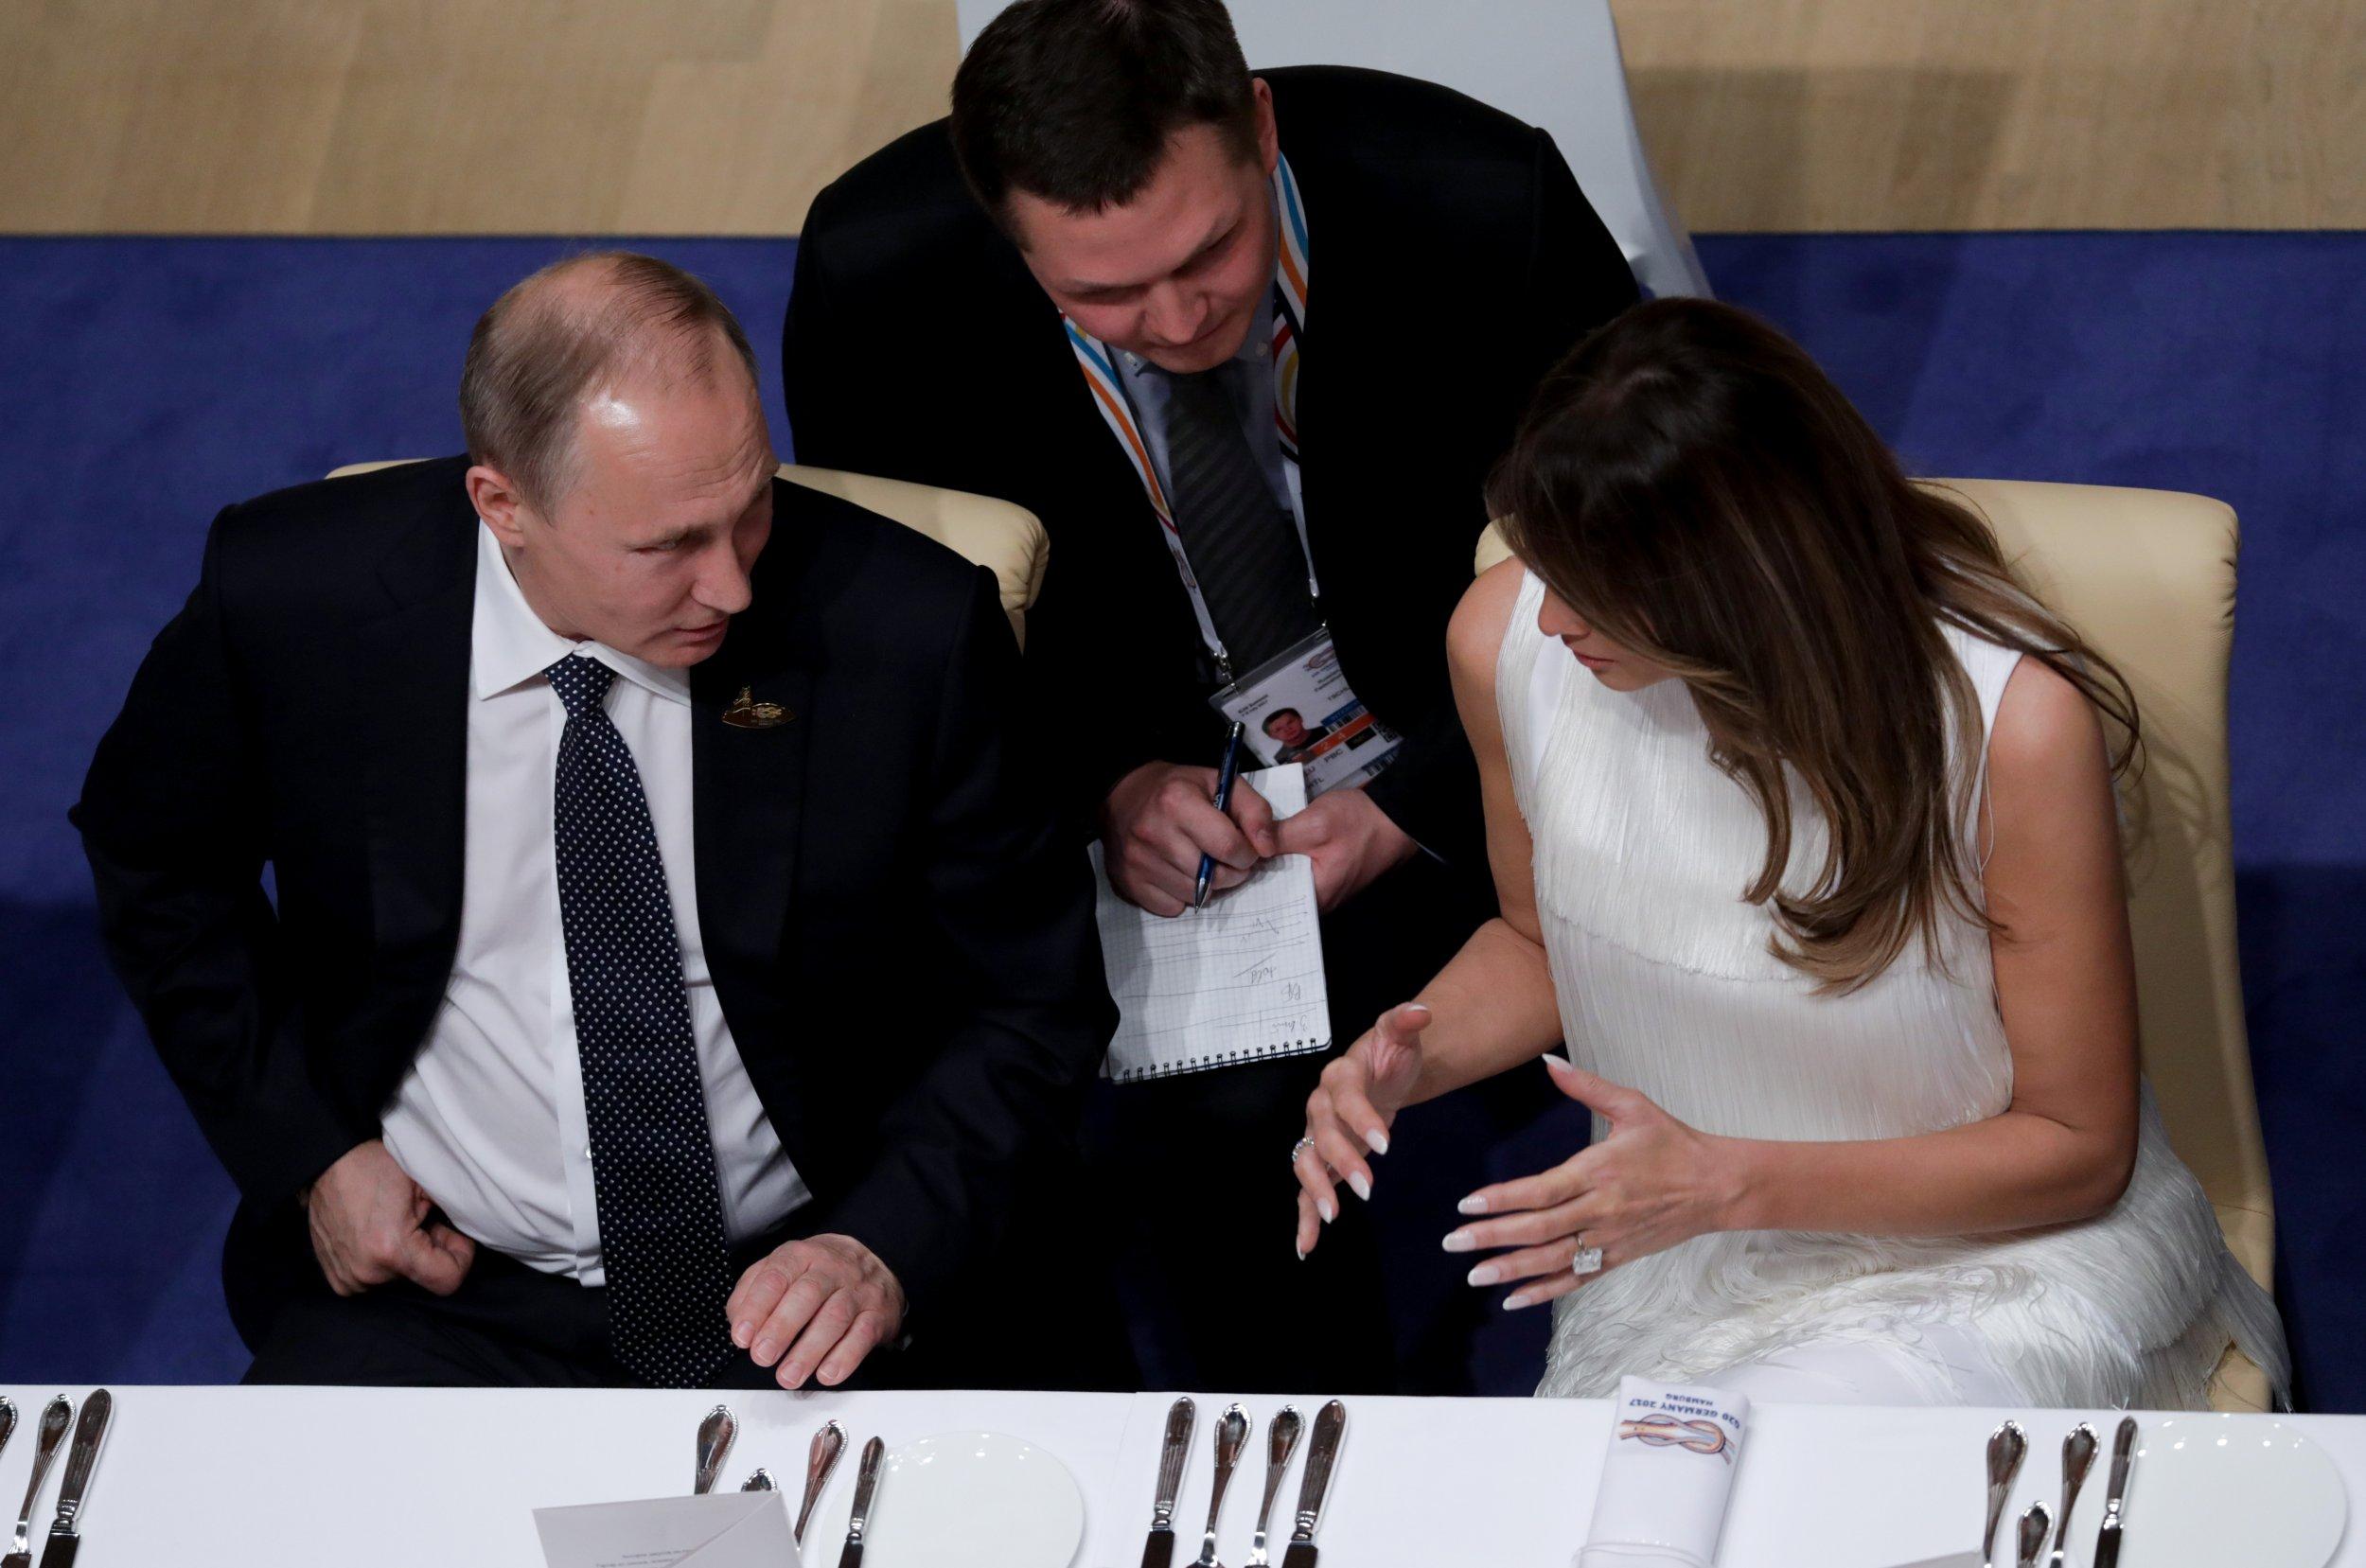 Putin speaks to Melania